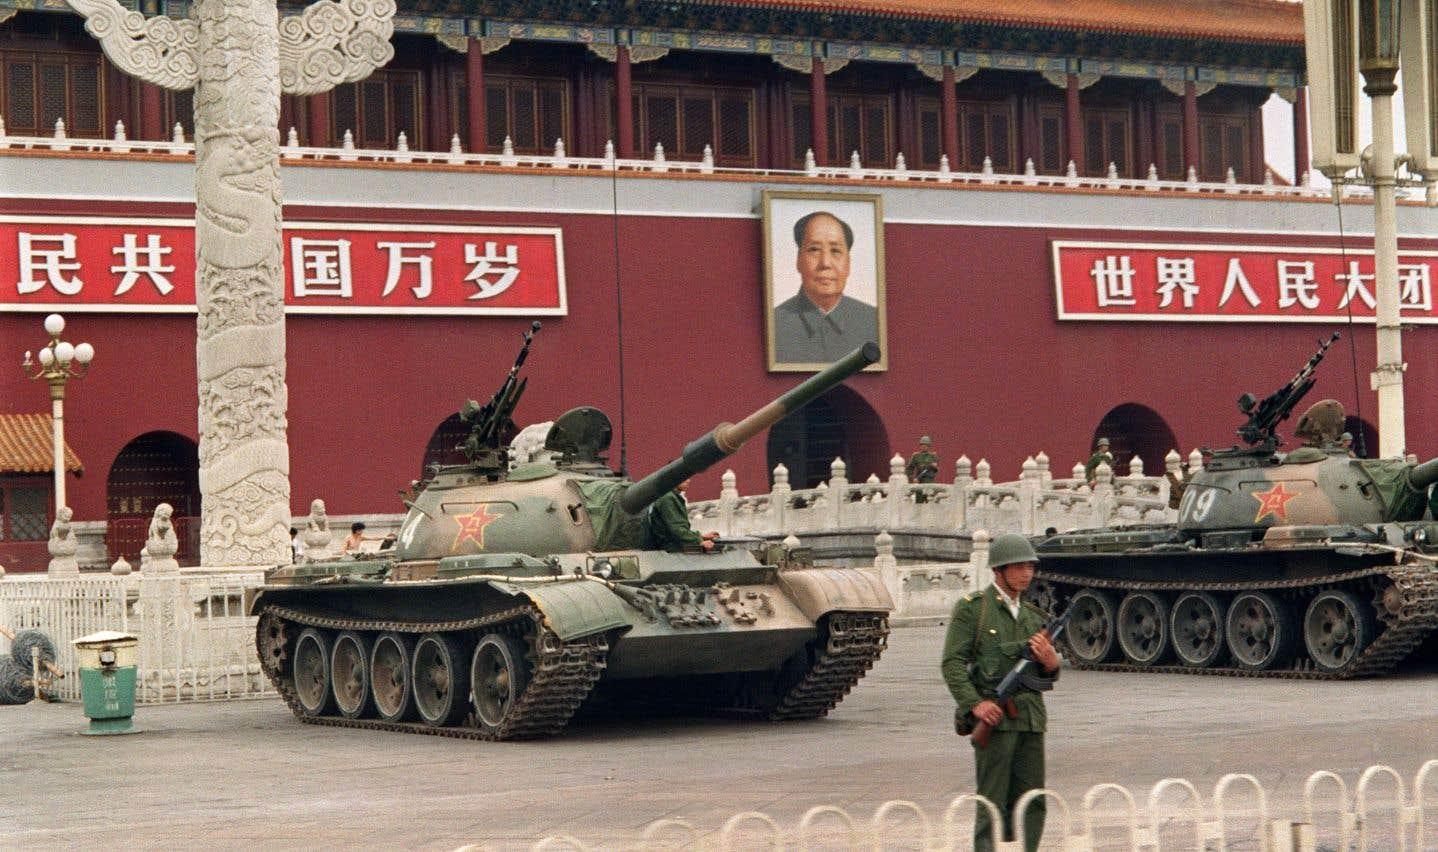 Les chars de l'Armée populaire de libération sont positionnés sur la place Tiananmen le 9 juin 1989, alors que la vie reprend lentement son cours normal.